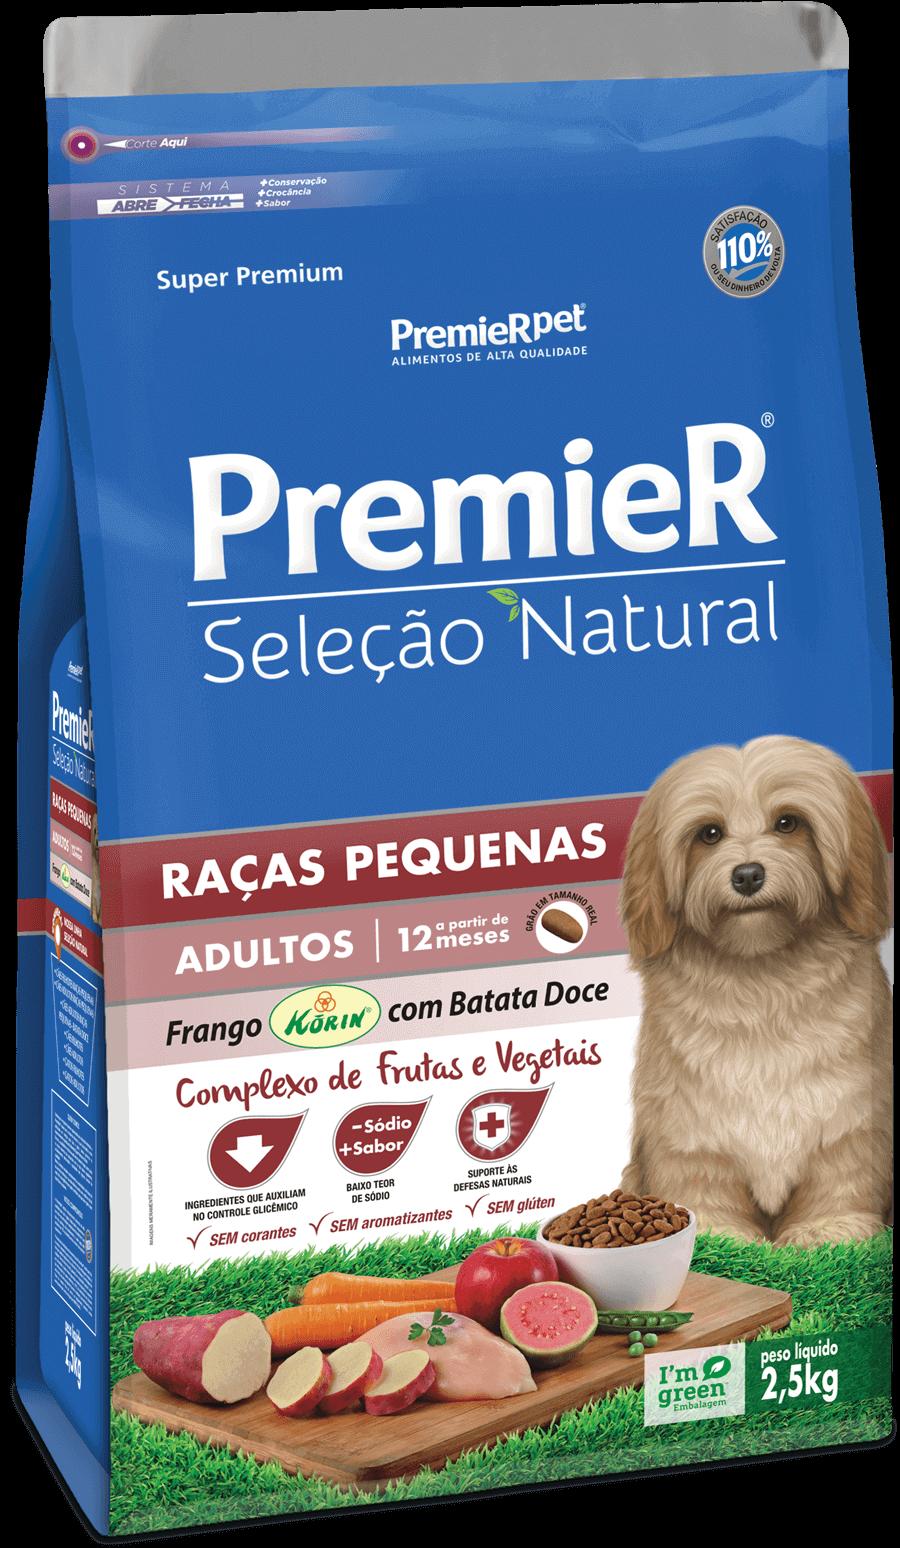 Ração Premier Seleção Natural Cães Adultos Raças Pequenas Frango Korin e batata doce